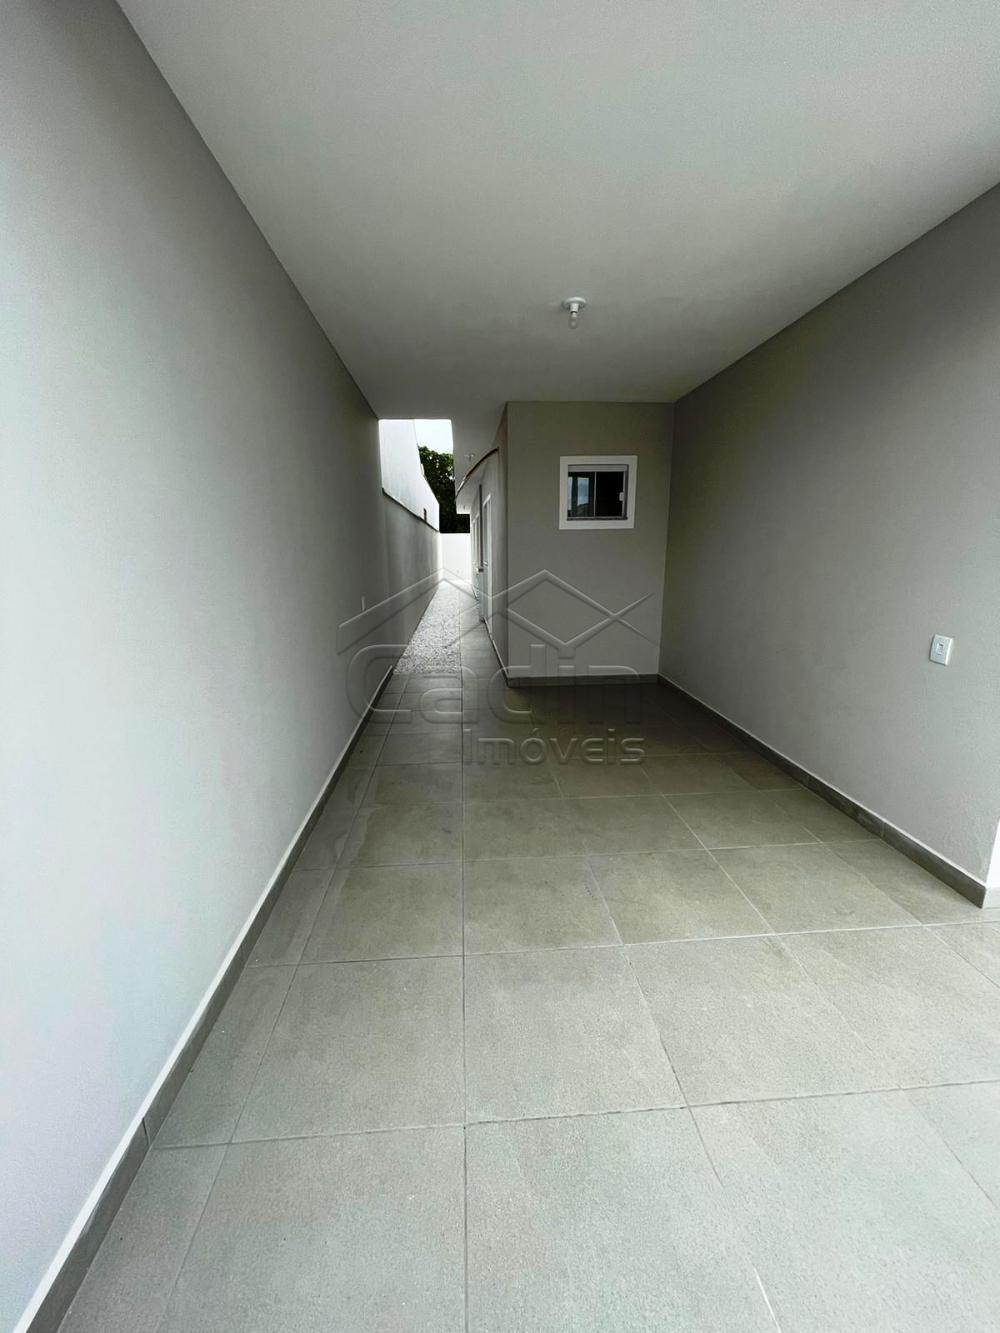 Comprar Casa / Geminada em Navegantes R$ 385.000,00 - Foto 9